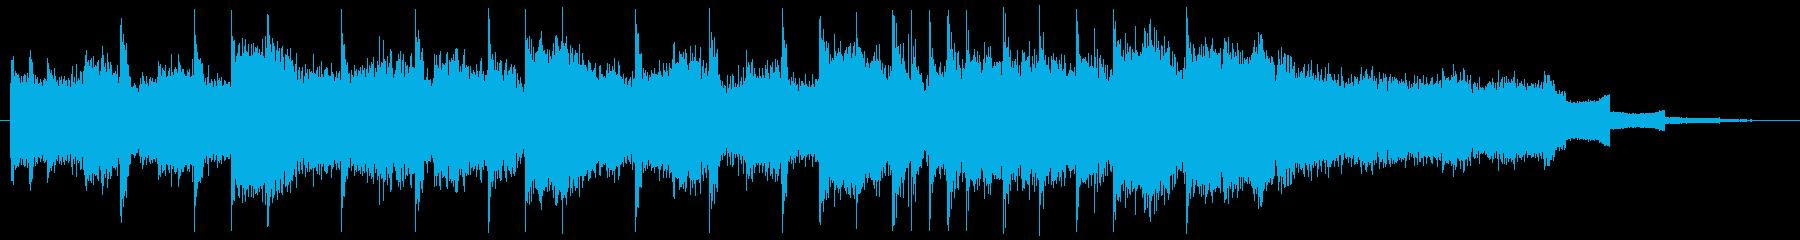 コーナータイトル_格闘技EDMの再生済みの波形